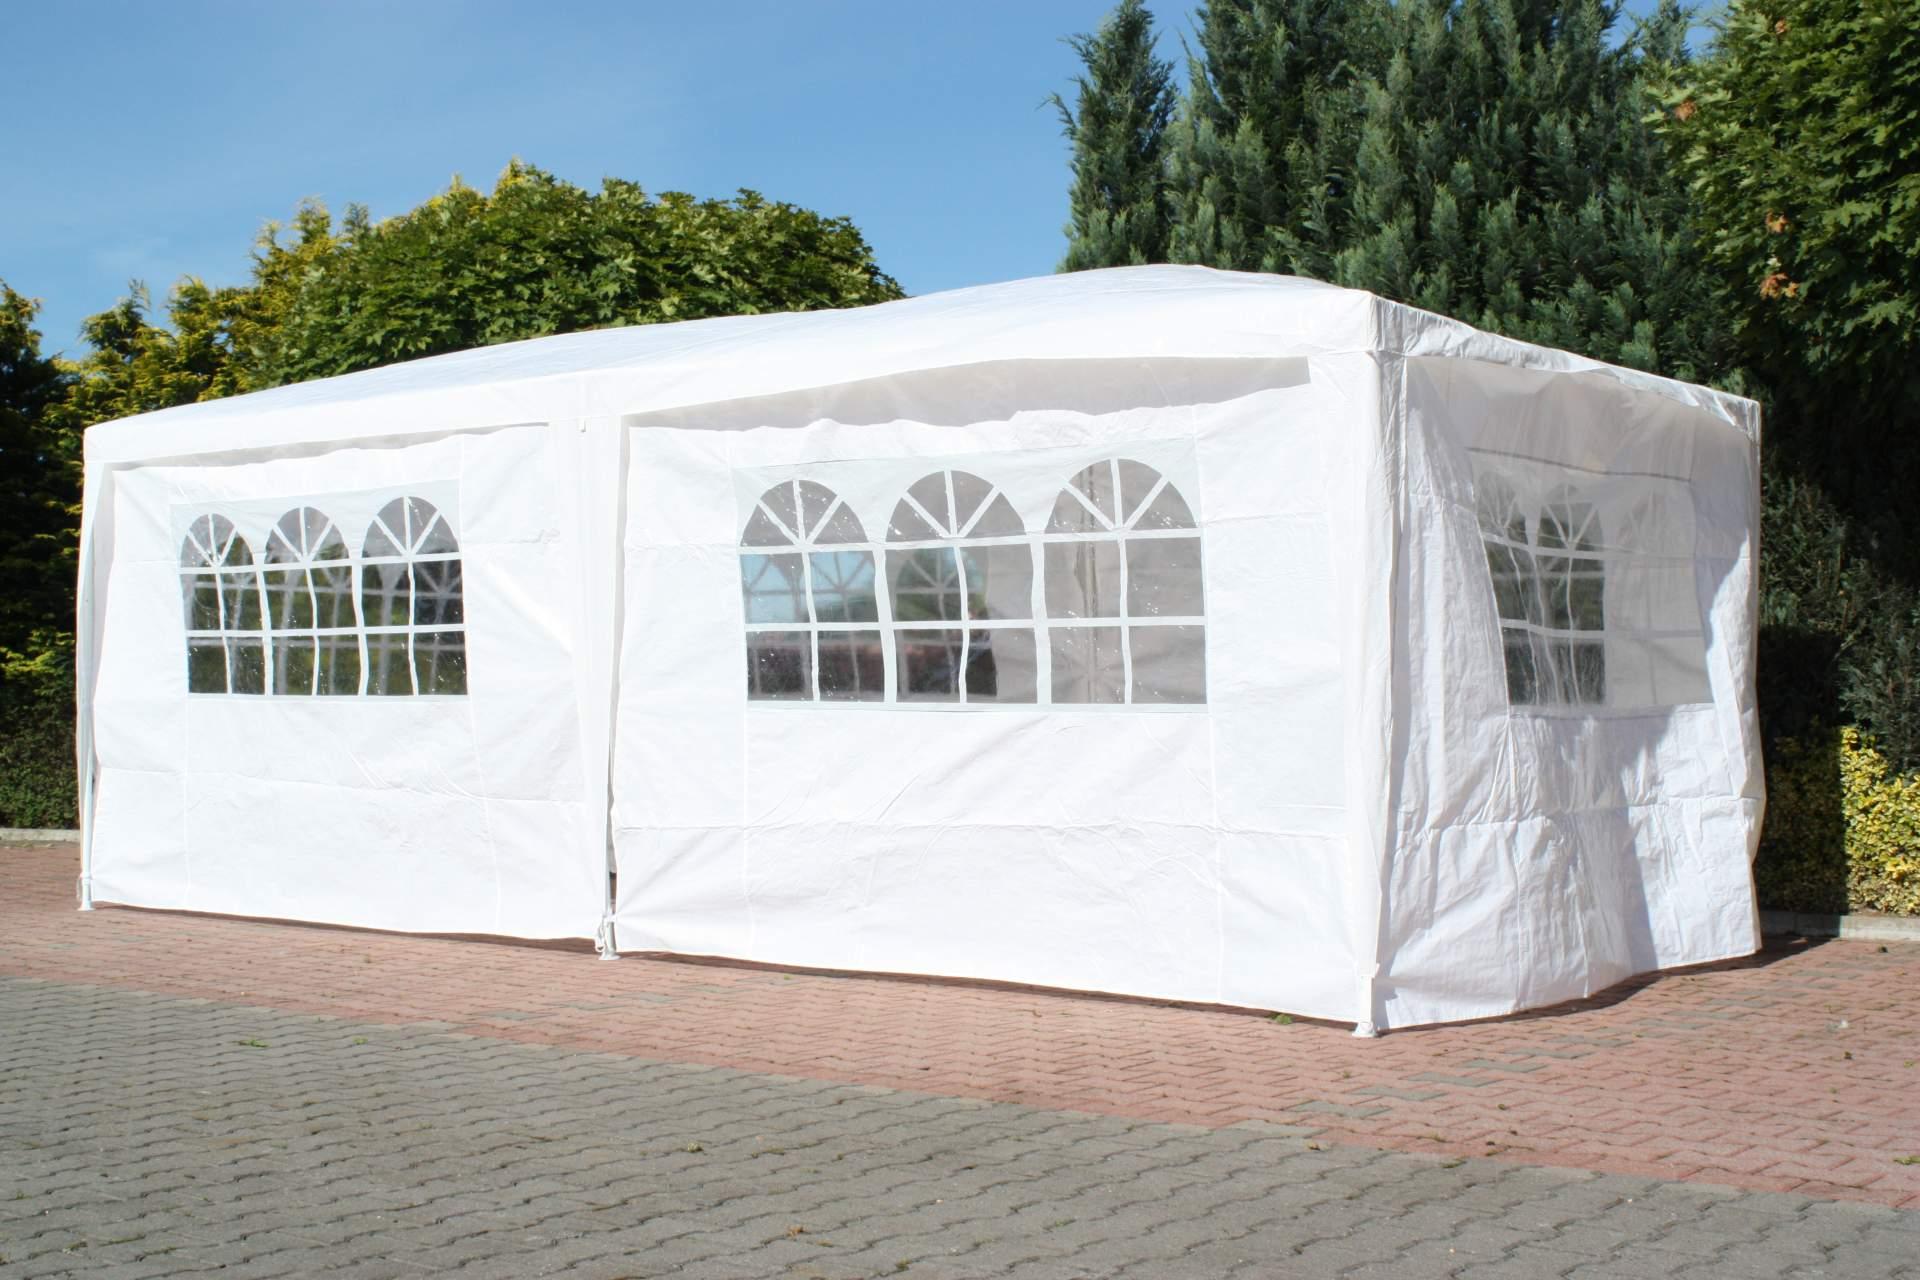 partyzelt mit seitenteilen weiss 3 x 6 m pavillon pavillion garten party zelt ebay. Black Bedroom Furniture Sets. Home Design Ideas